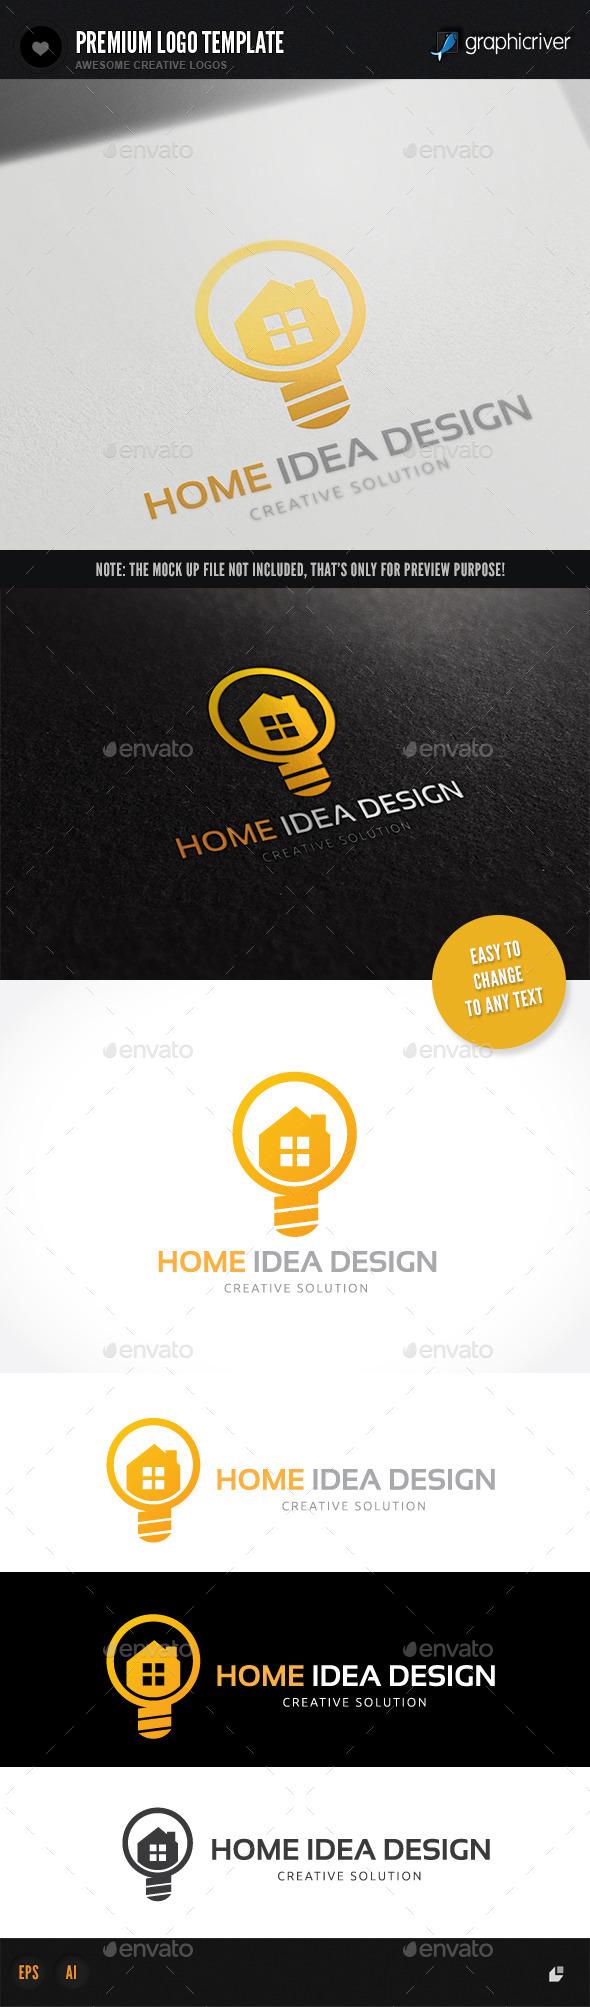 GraphicRiver Home Idea Design 9687842